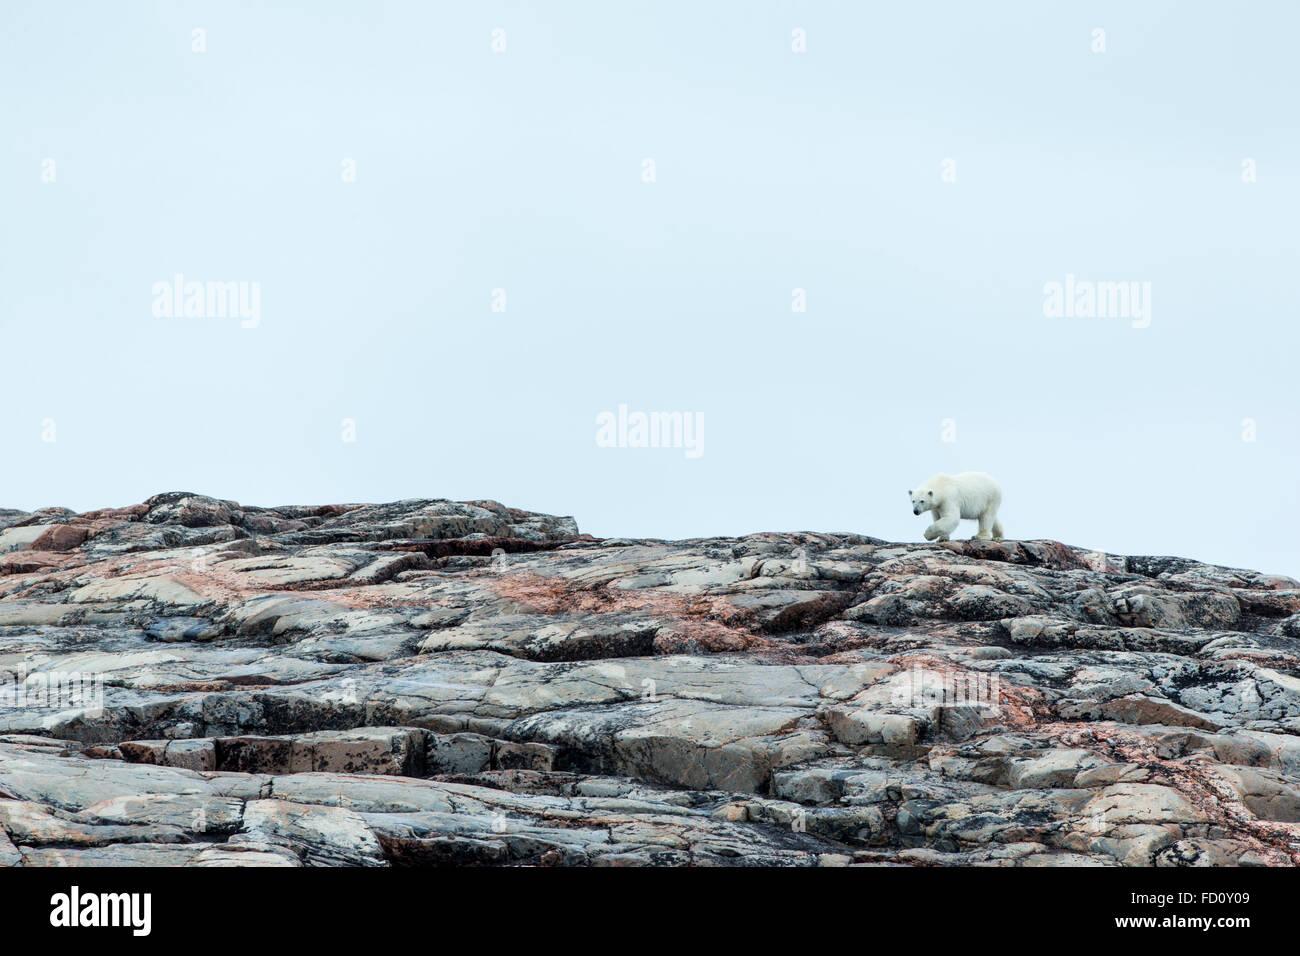 Le Canada, le territoire du Nunavut, Repulse Bay, l'ours polaire (Ursus maritimus) marche sur une colline rocheuse Photo Stock